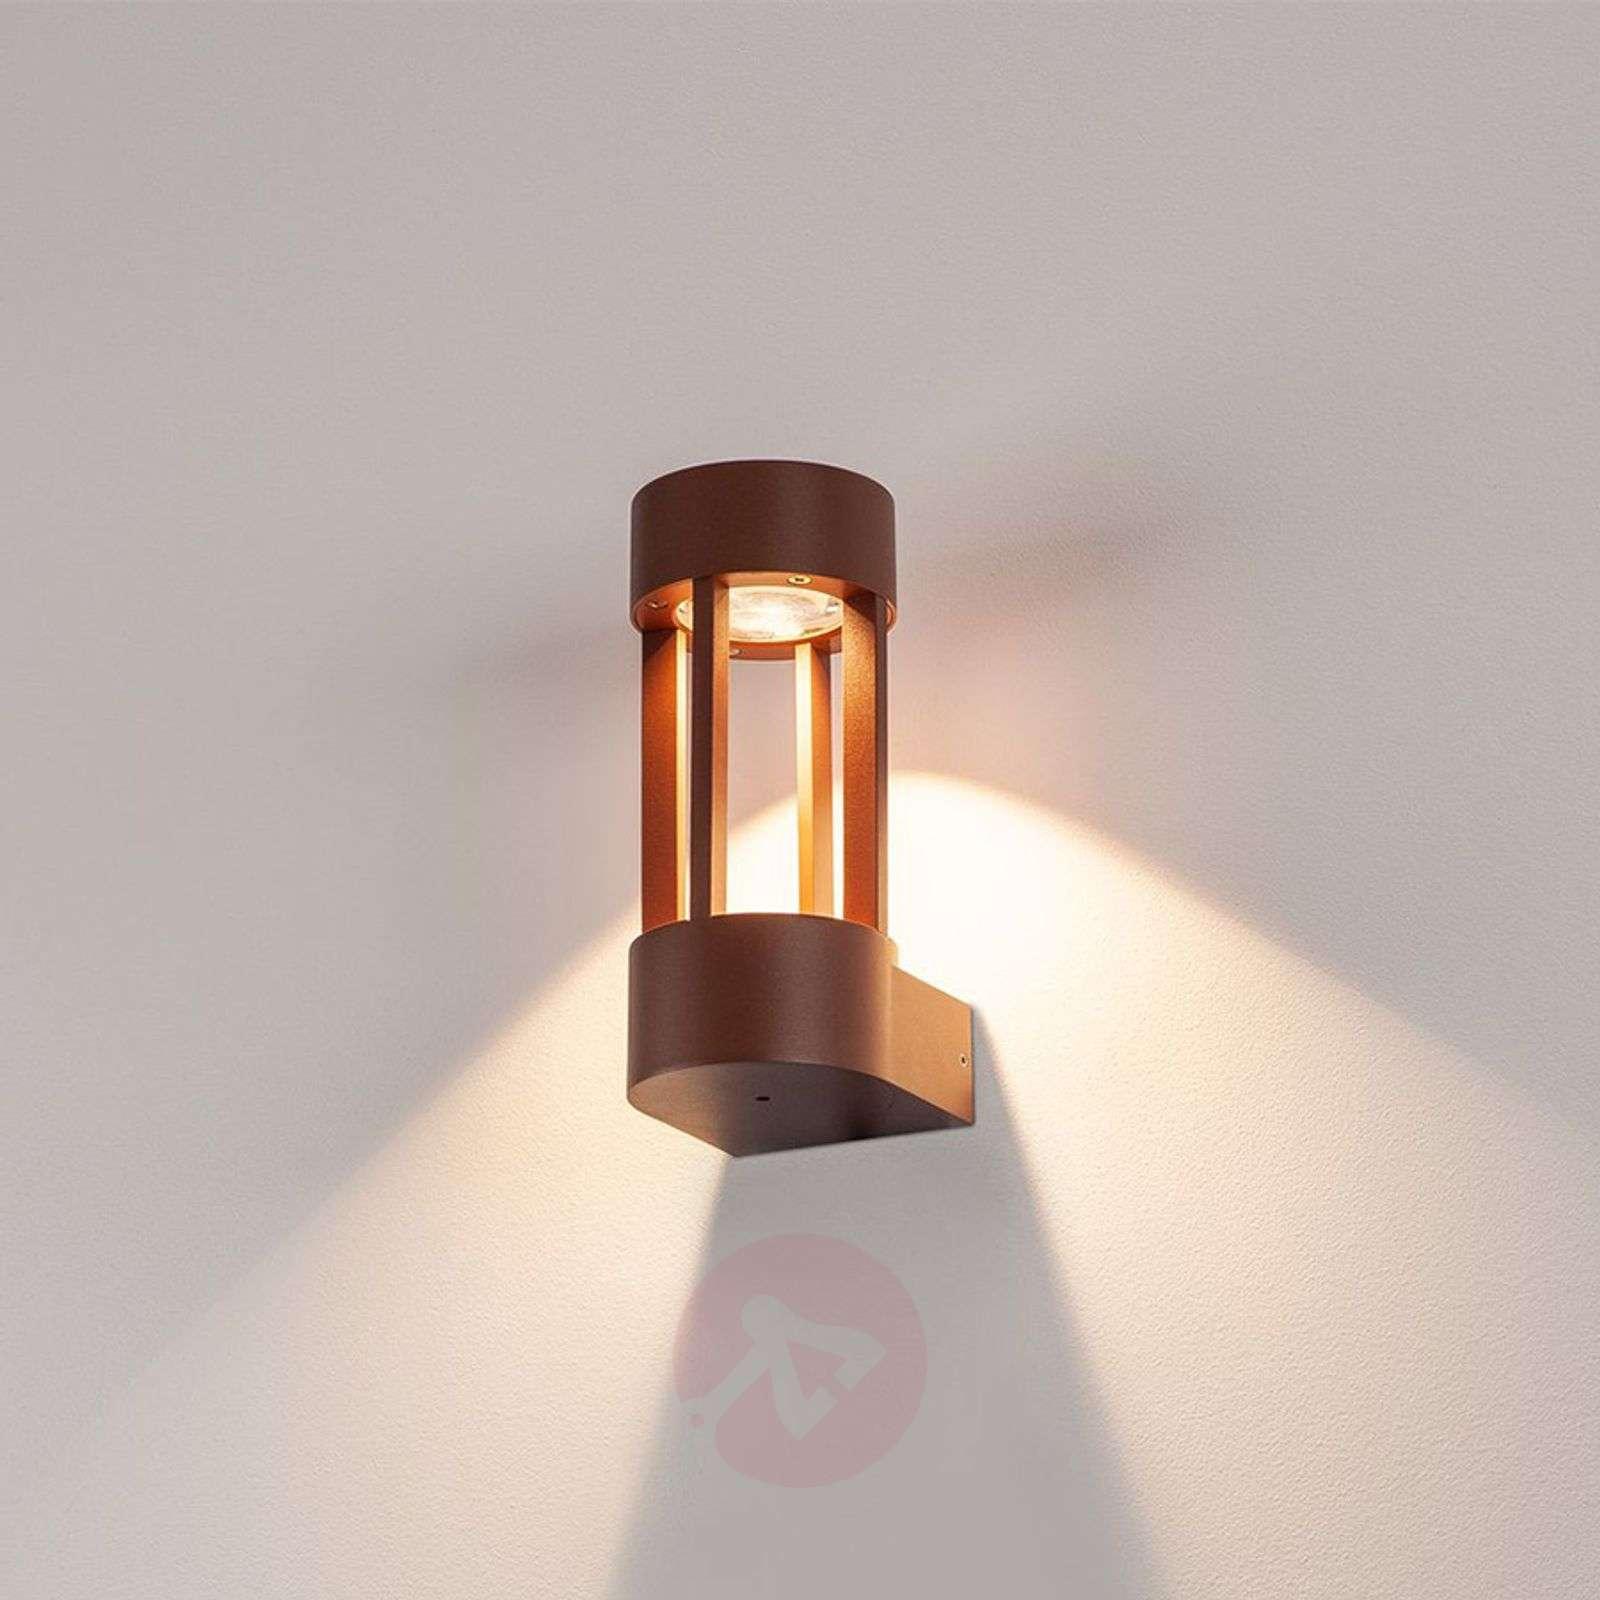 Näyttävä LED-ulkoseinävalaisin Slots Wall ruoste-5504669-01